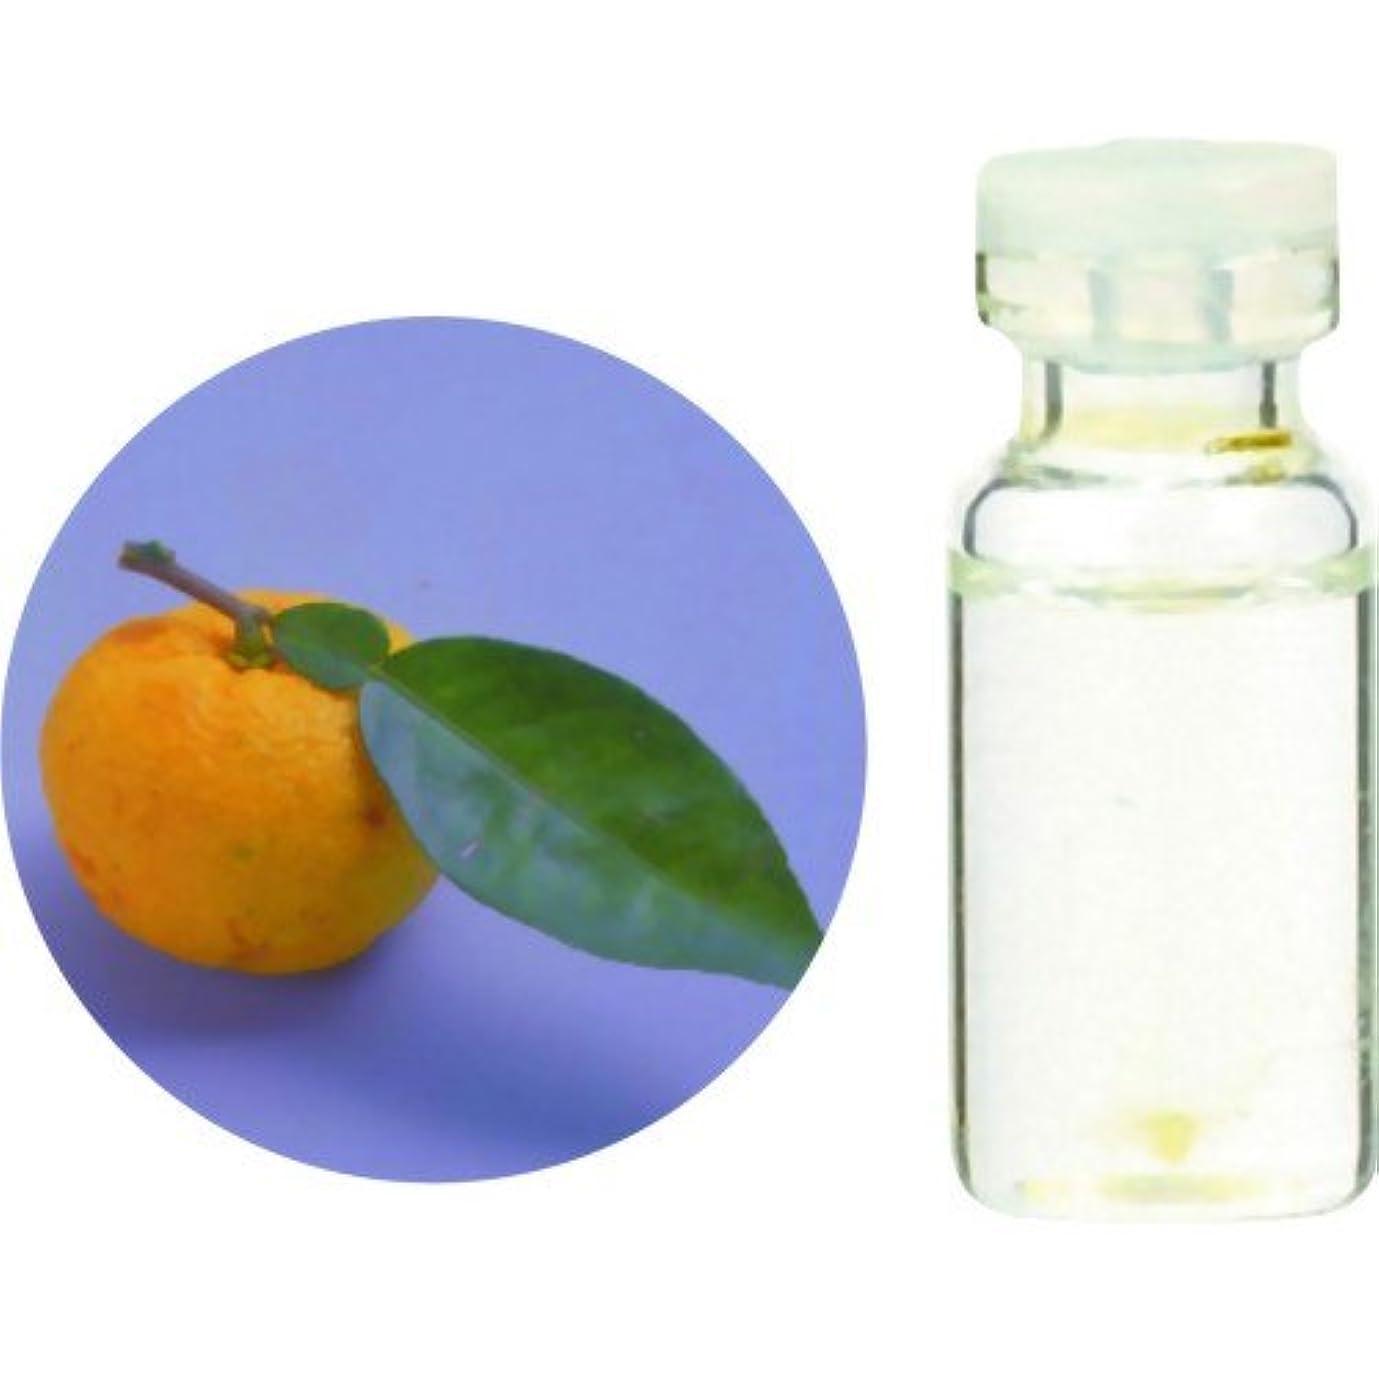 病んでいる増幅ロータリー生活の木 Herbal Life 和精油 柚子(ゆず)(水蒸気蒸留法) 3ml